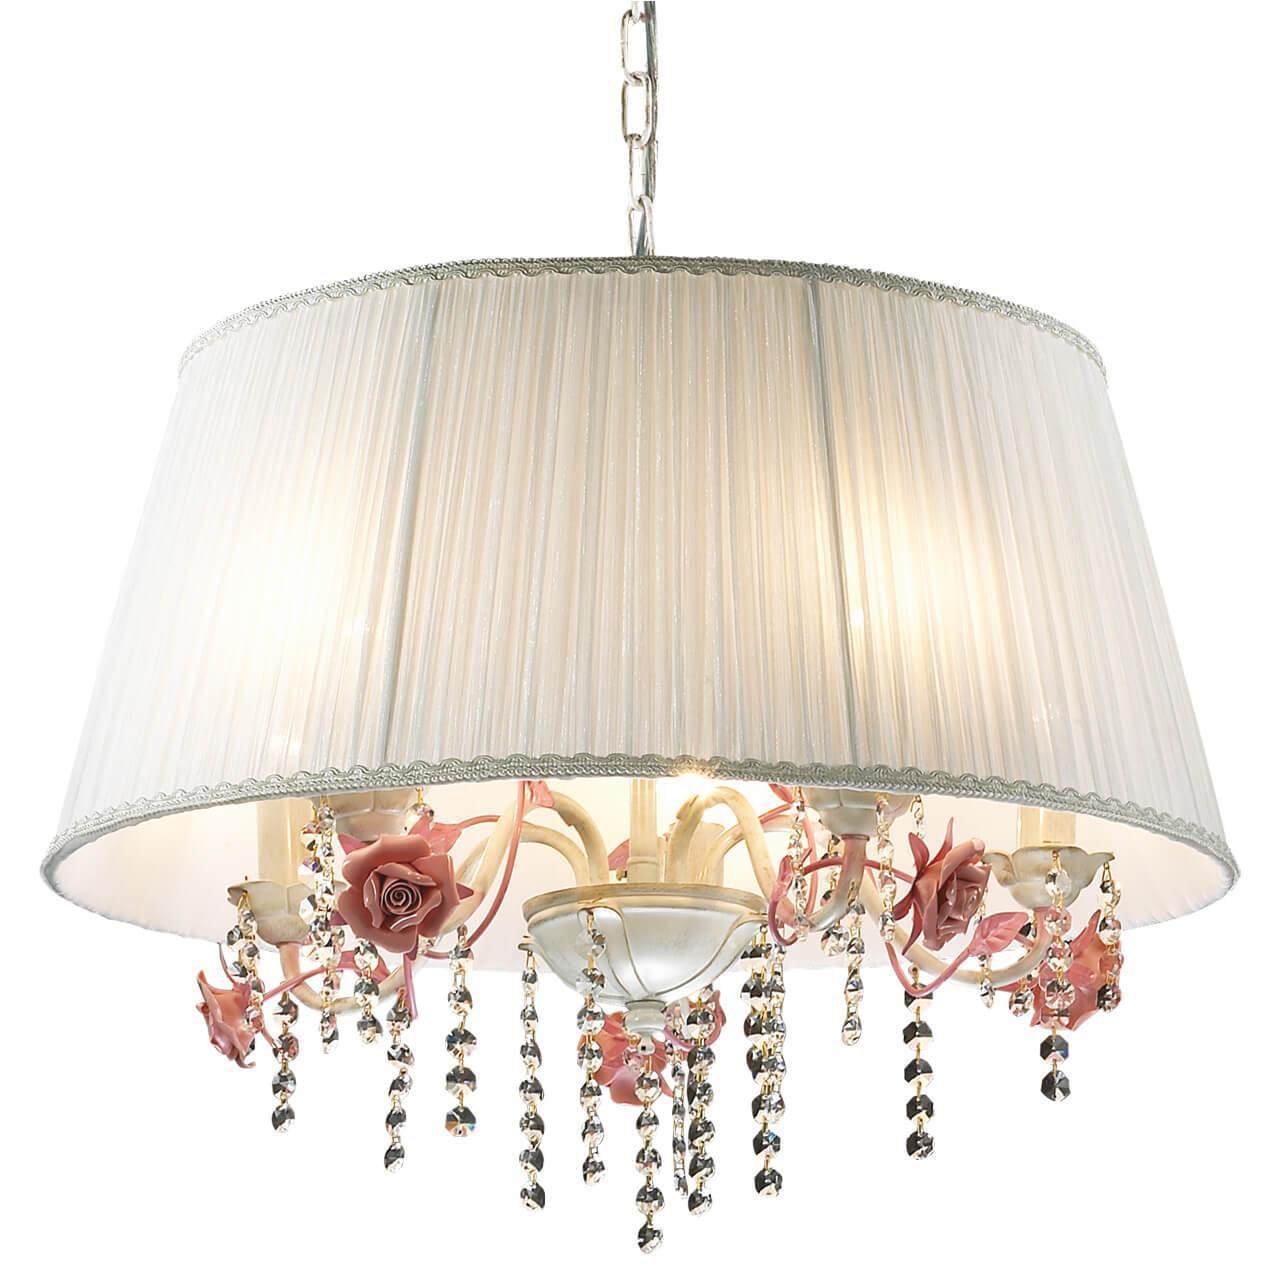 Подвесной светильник Odeon Light 2685/5, E27, 60 Вт подвесная люстра odeon light padma 2685 5